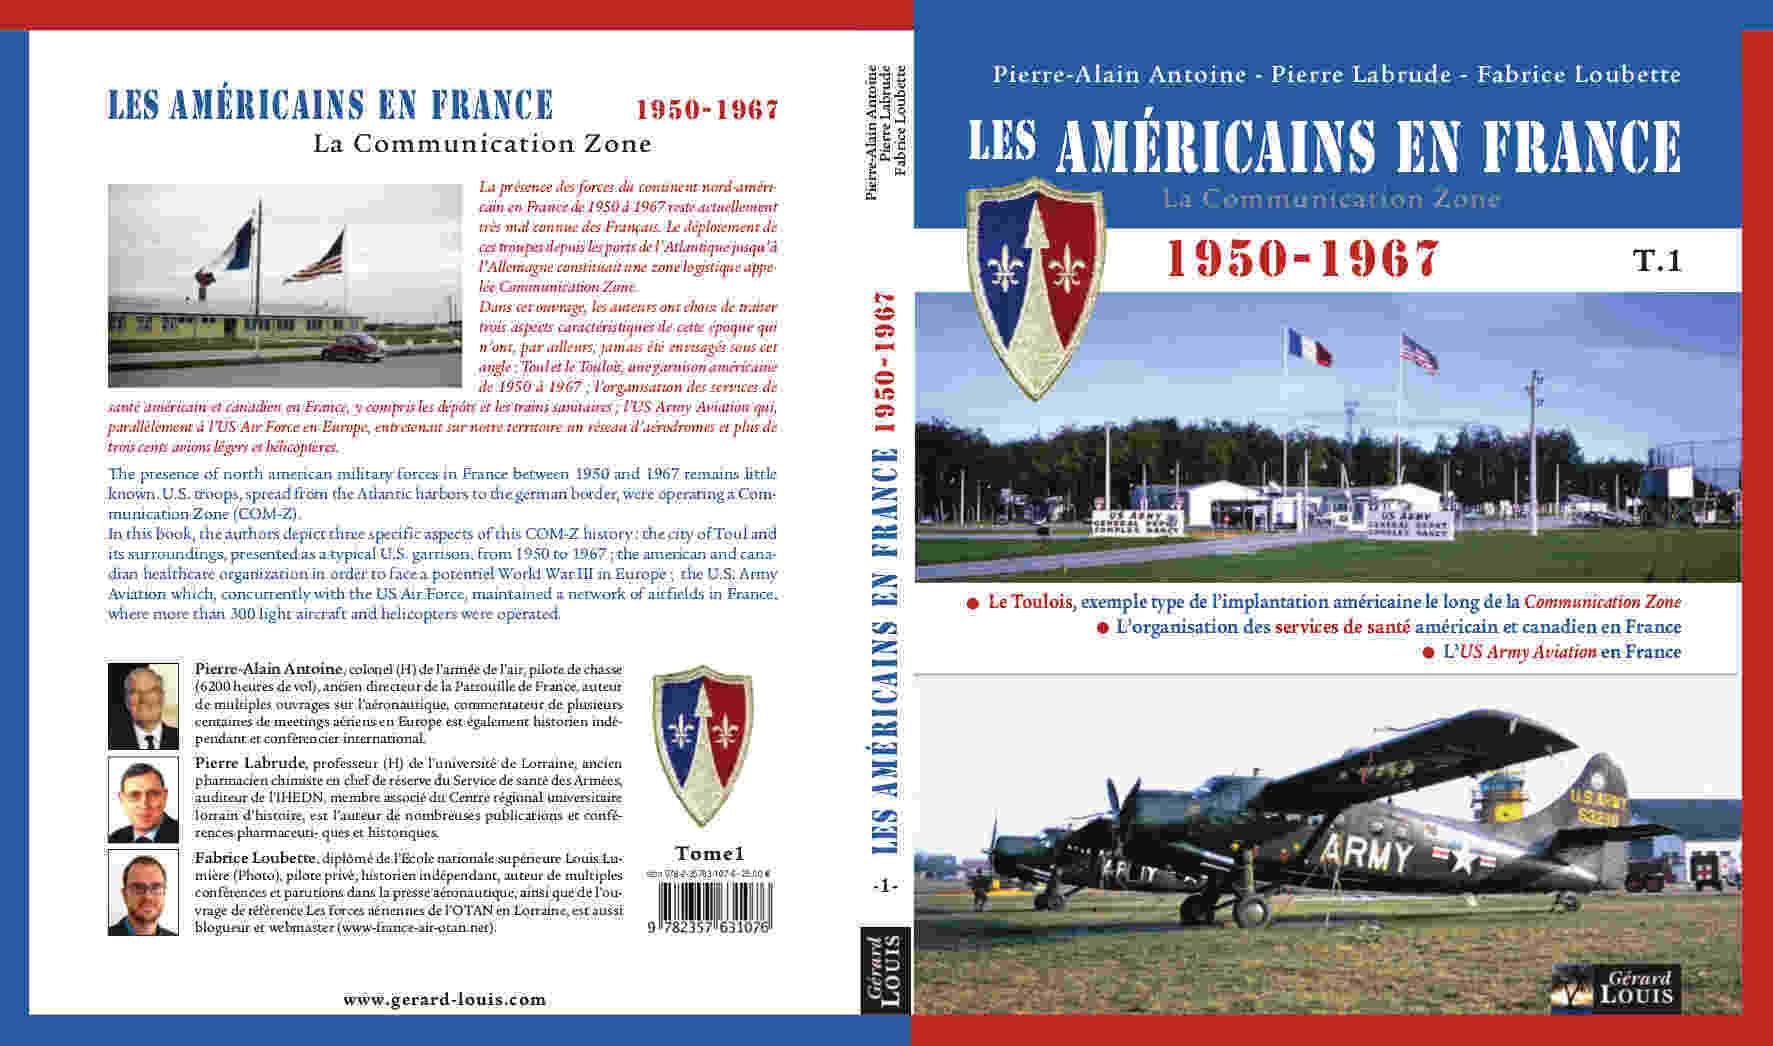 Couverture livre - Les Américains en France